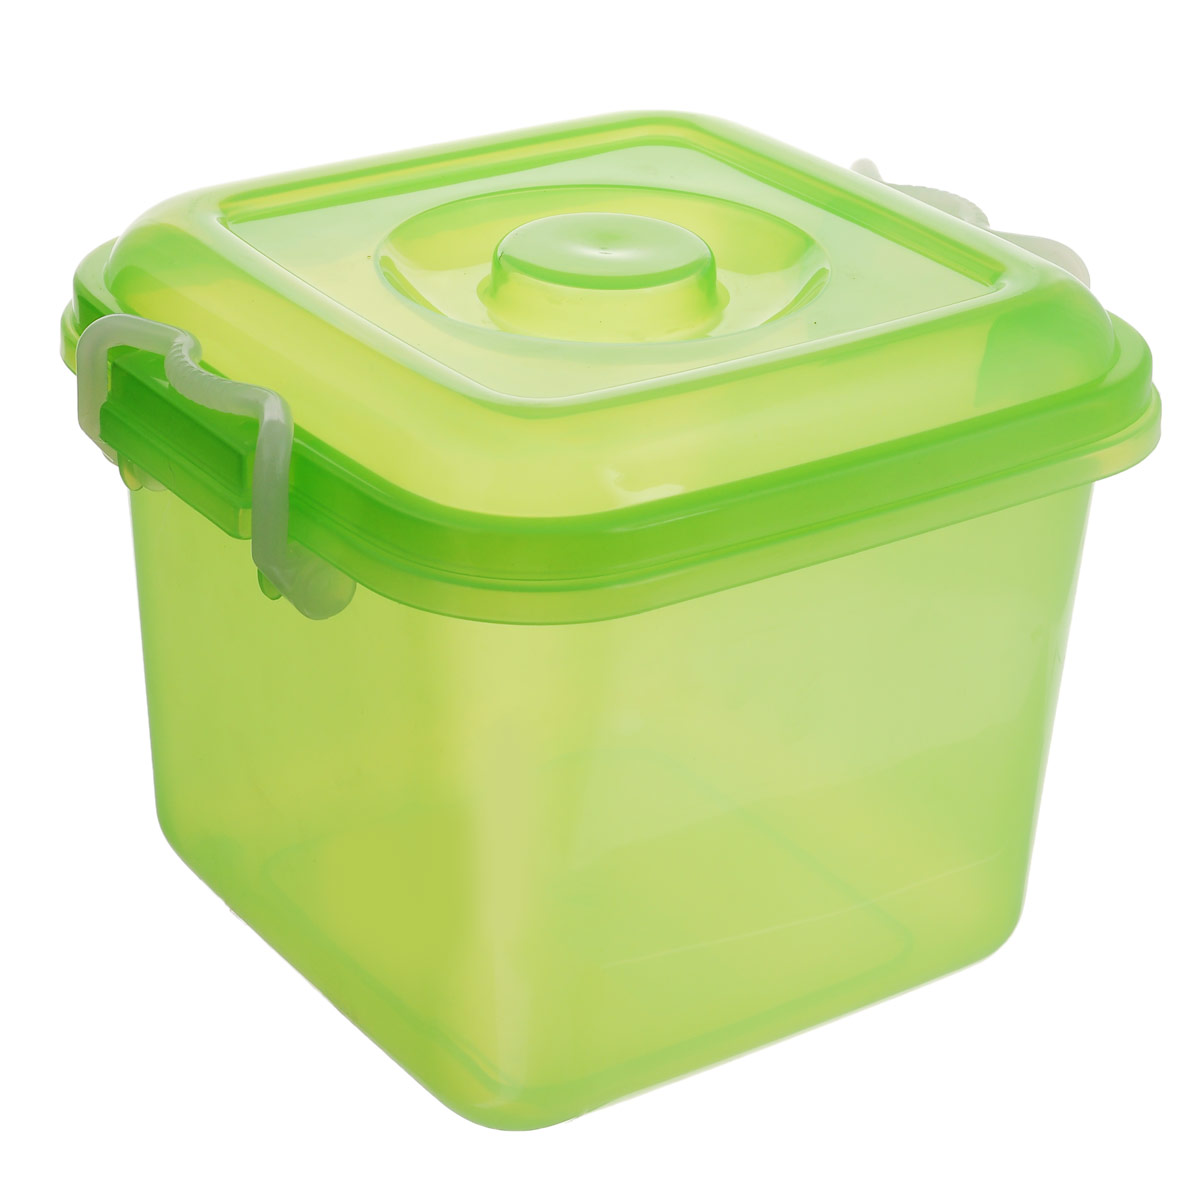 Контейнер для хранения Idea Океаник, цвет: зеленый, 8 лМ 2856Контейнер Idea Океаник выполнен из пищевого пластика, предназначен для хранения различных вещей.Контейнер снабжен эргономичной плотно закрывающейся крышкой со специальными боковыми фиксаторами.